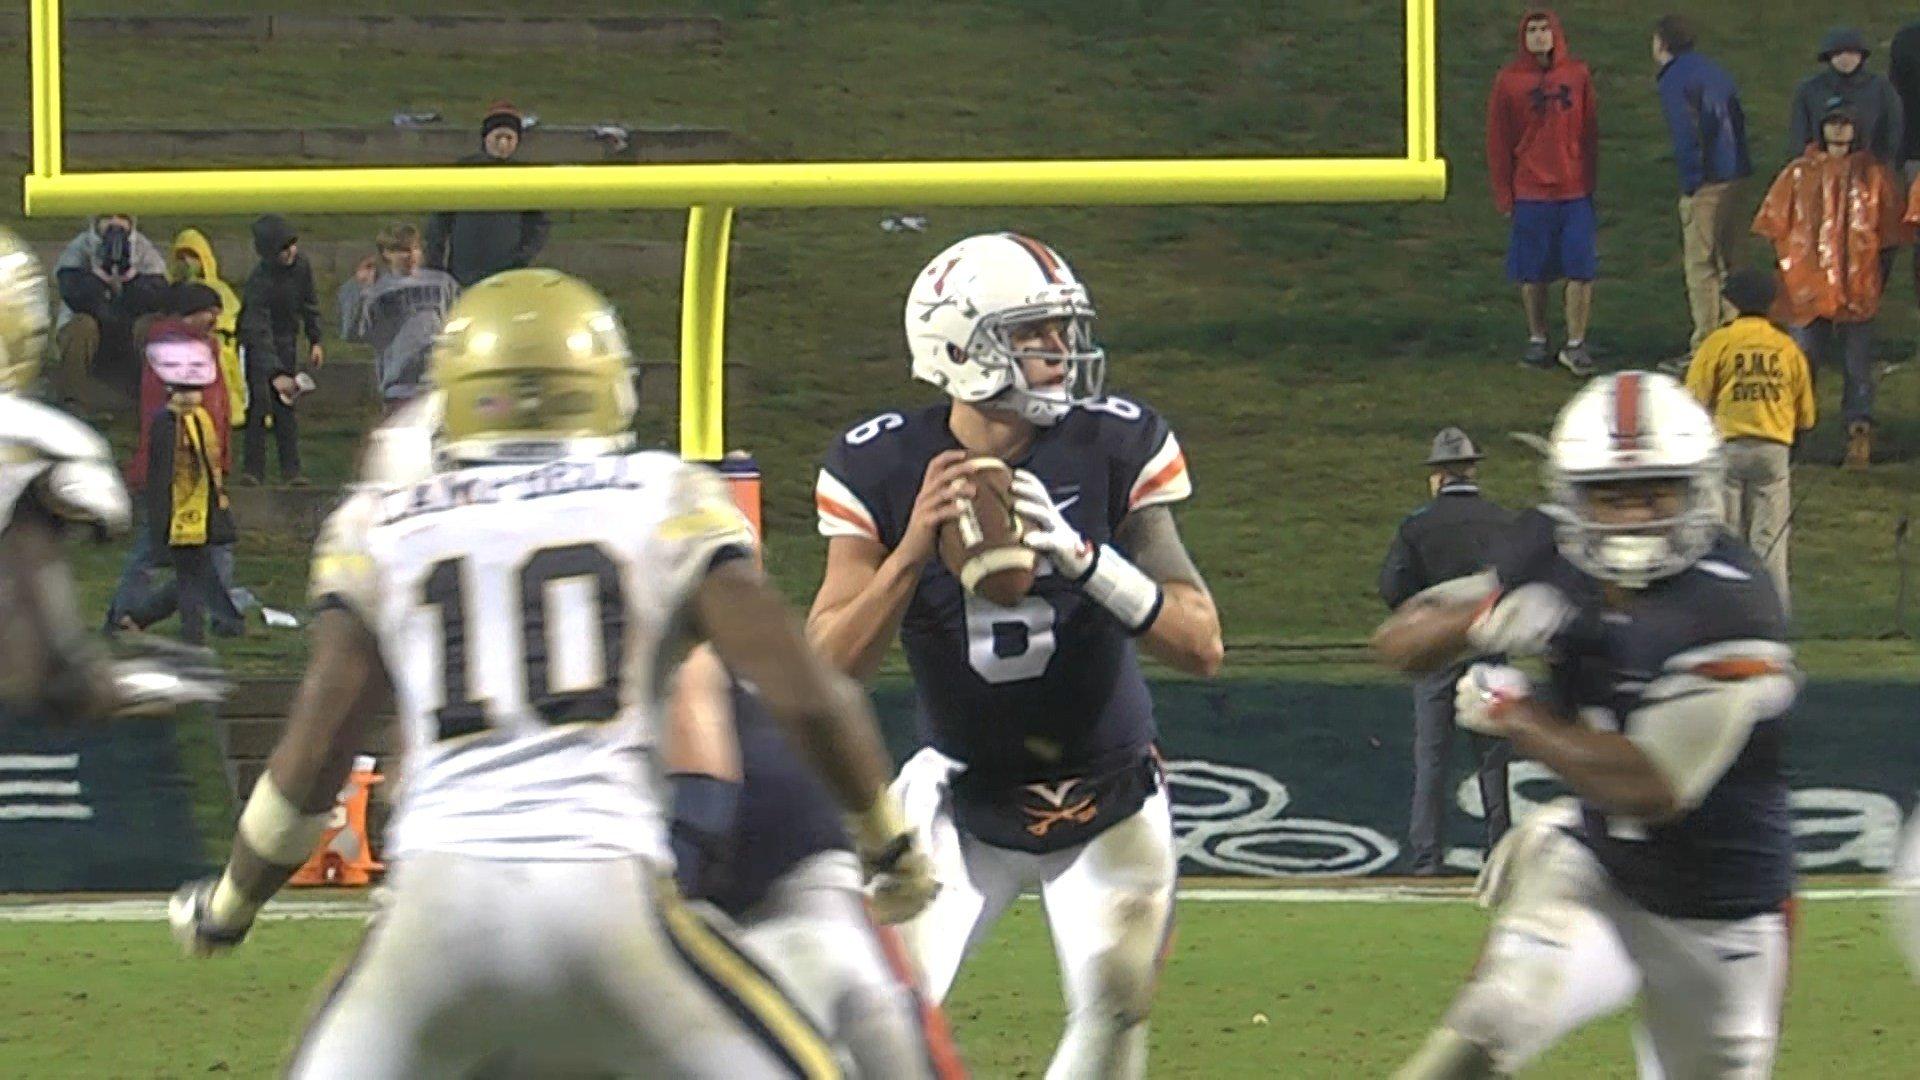 Kurt Benkert passed for 260 yards and three touchdowns in UVa's victory